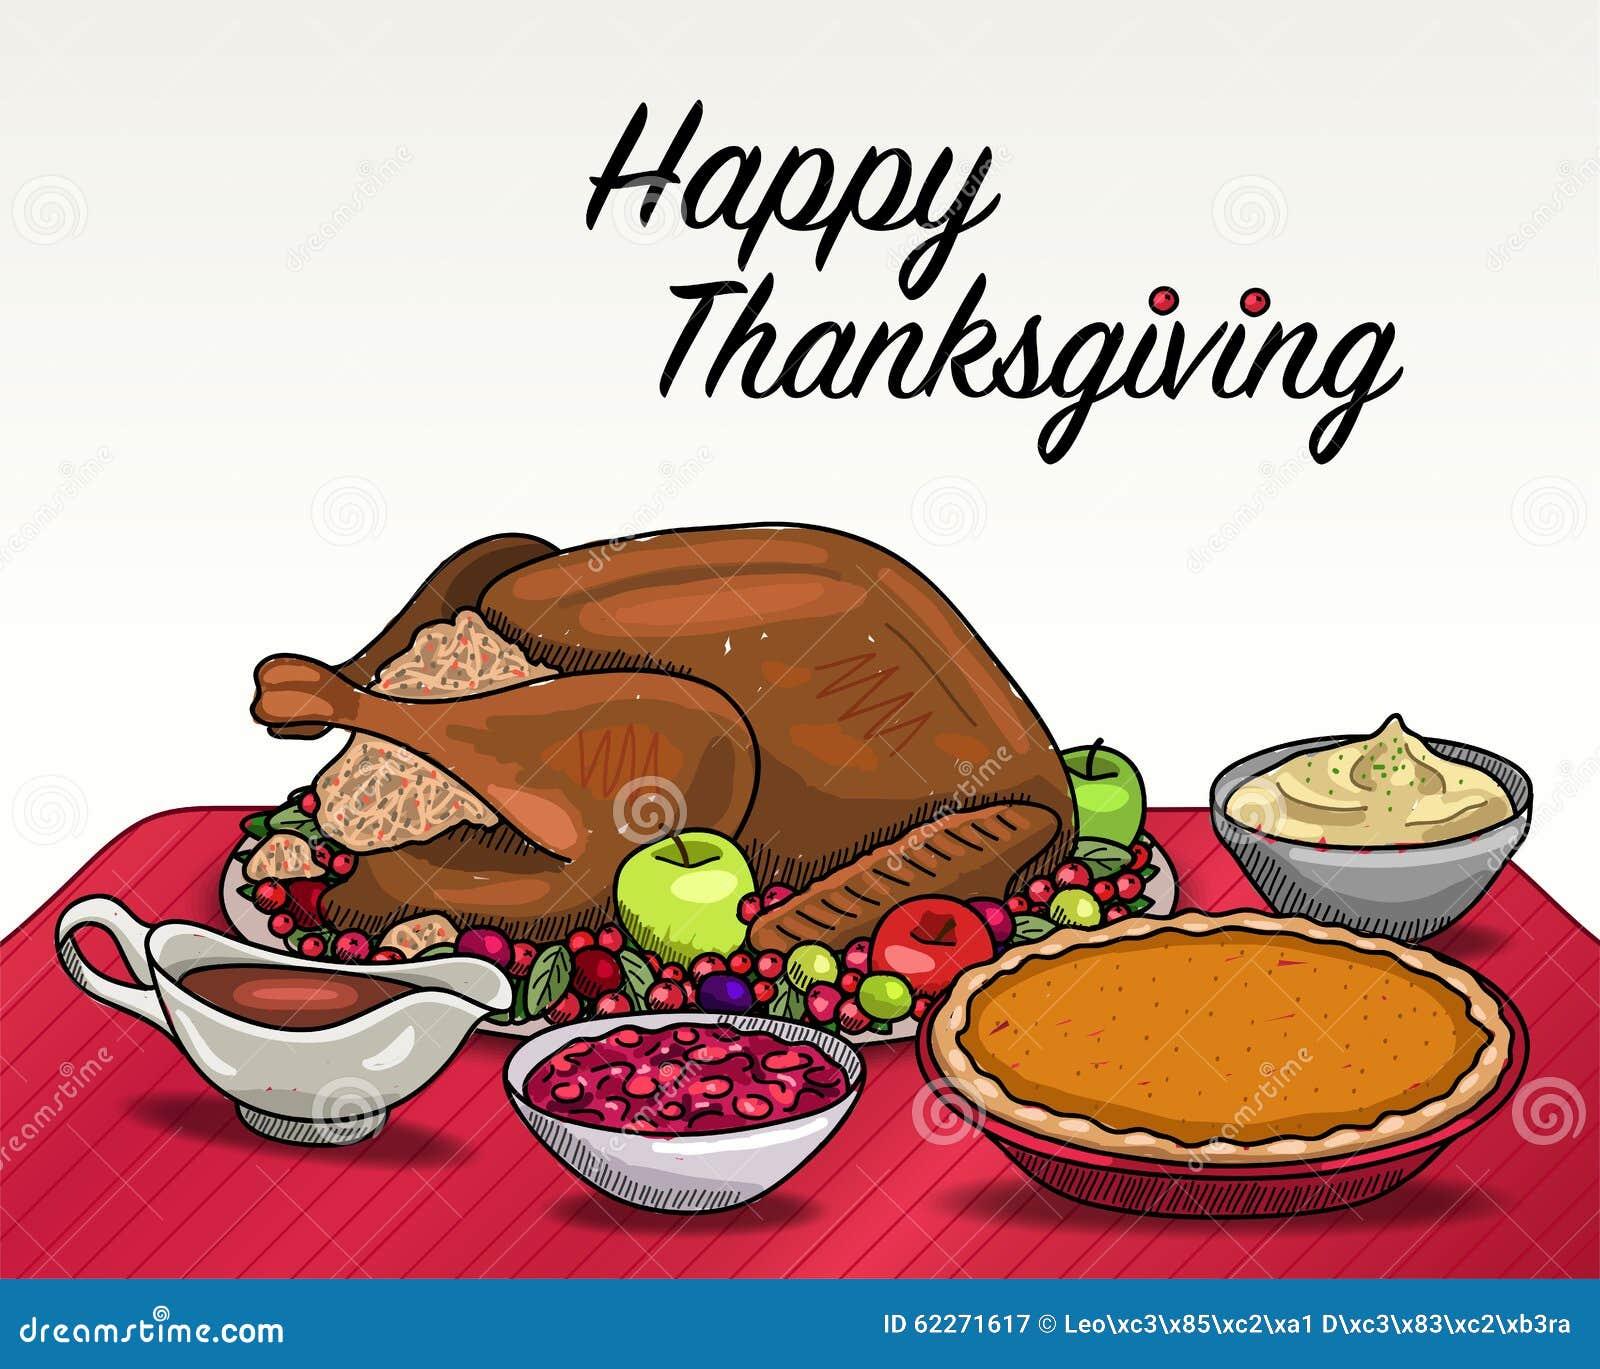 thanksgiving gravy boat meme